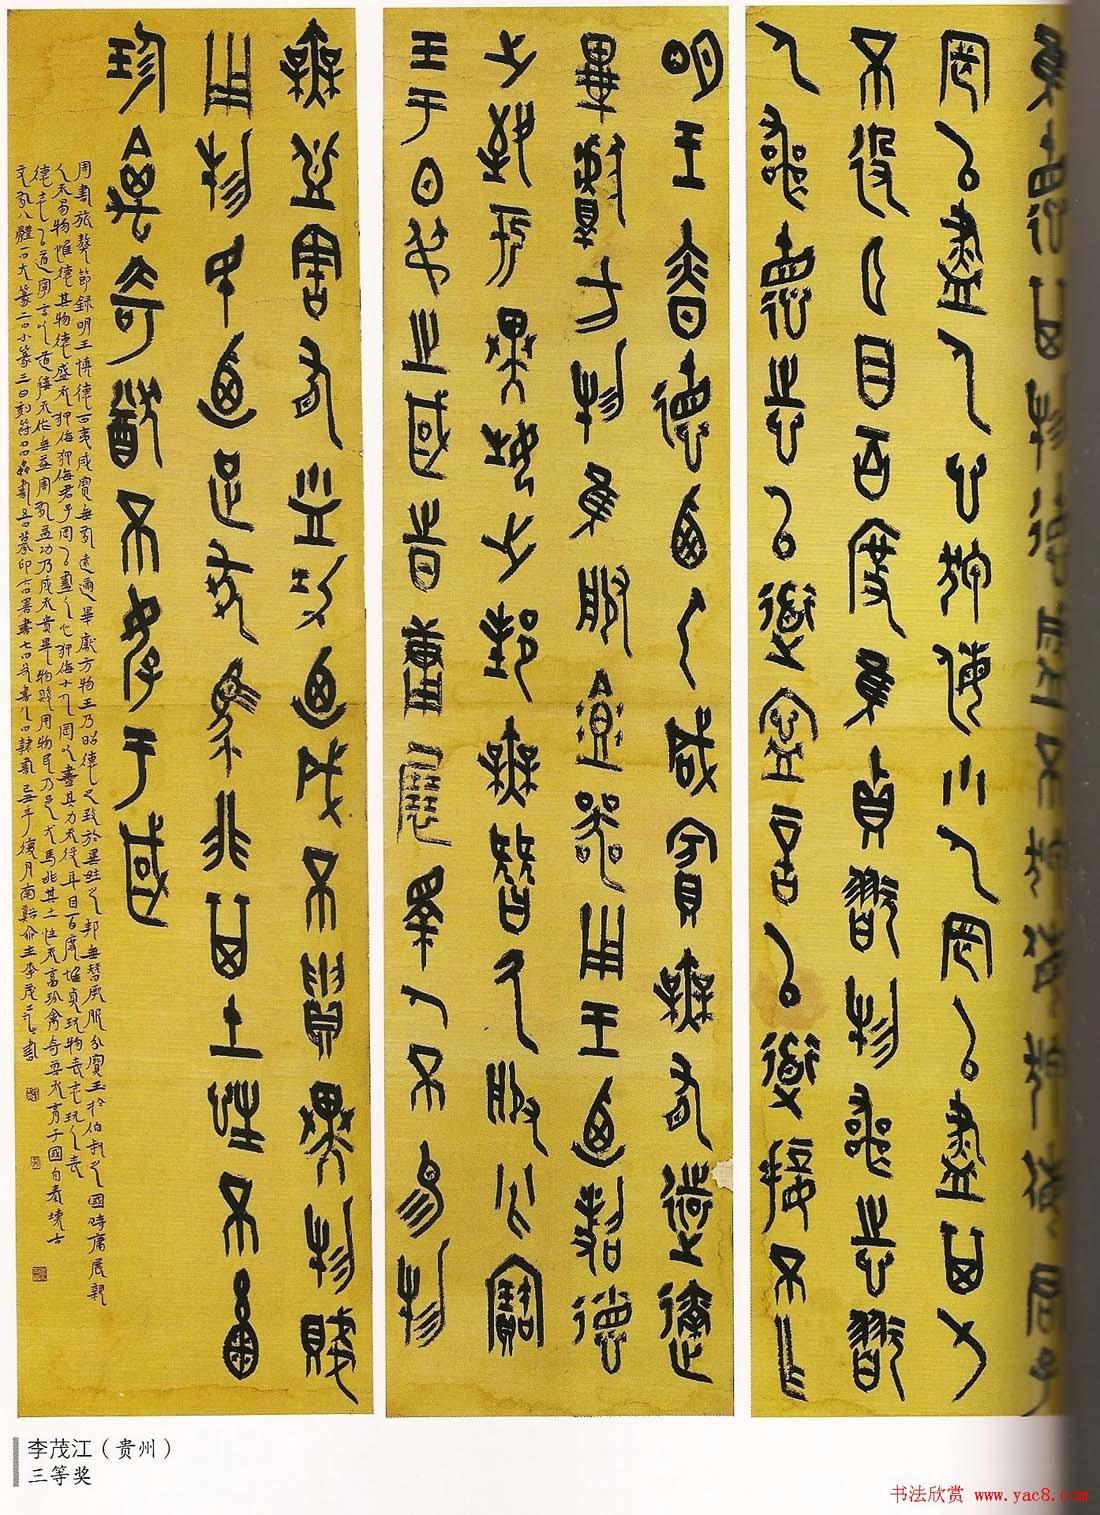 篆书展获奖书法作品欣赏 第5页 书法展览 书法欣赏